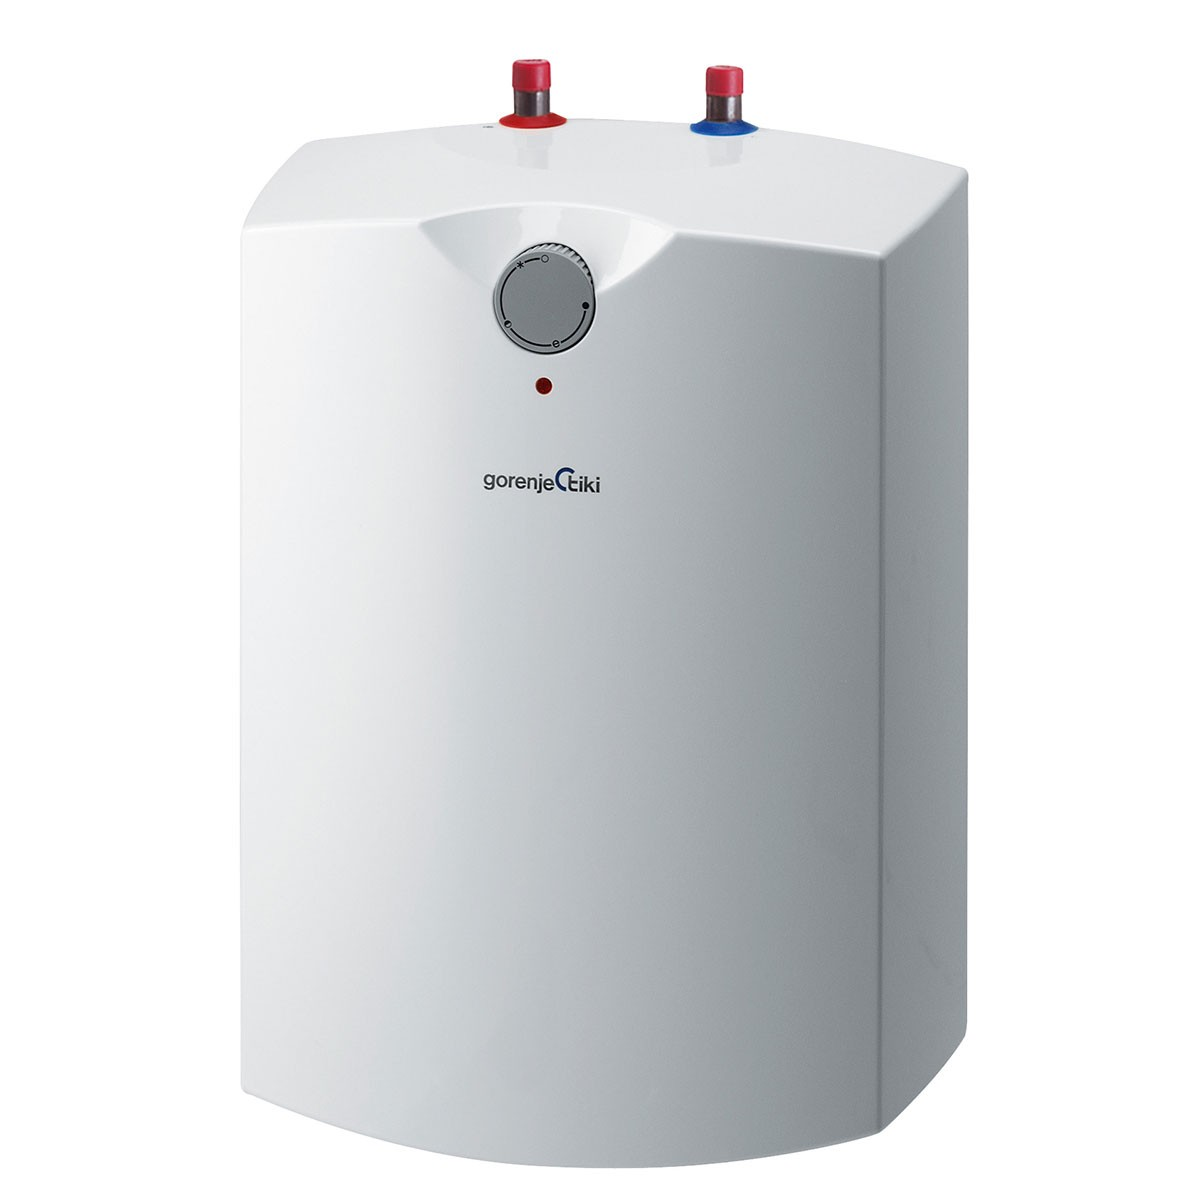 Warmwasserspeicher / Boiler Gorenje GT5-UND druckfest 5 Liter Bild 1